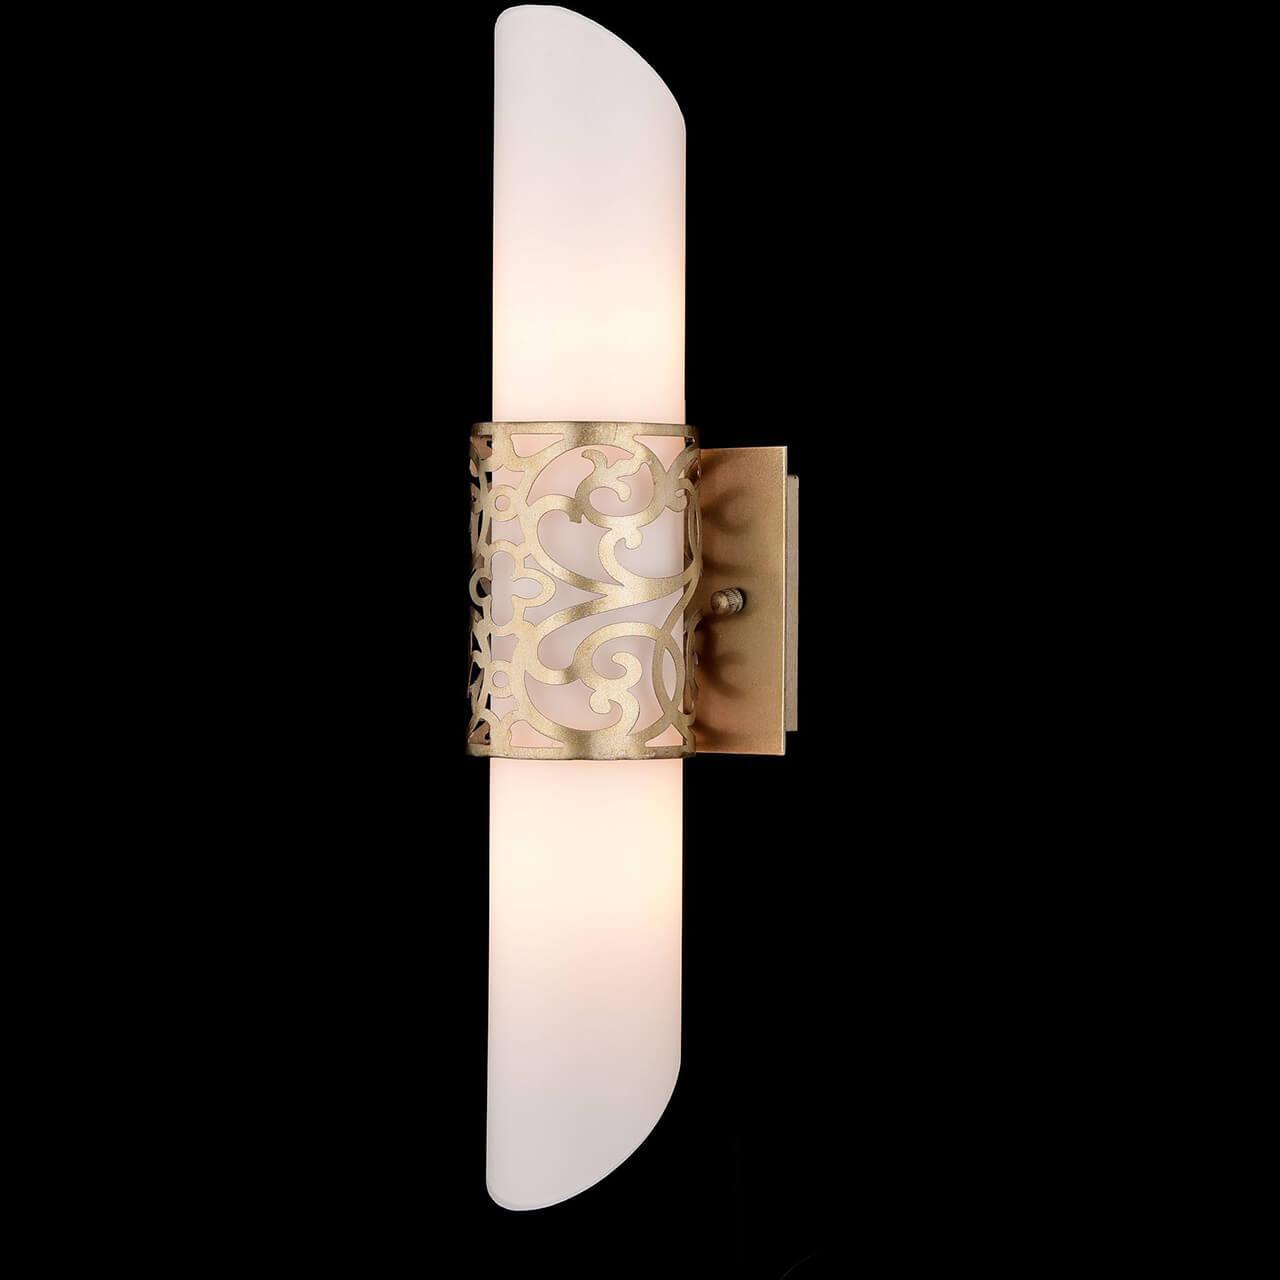 Настенный светильник Maytoni Venera H260-02-N настенный светильник maytoni venera арт h260 02 n